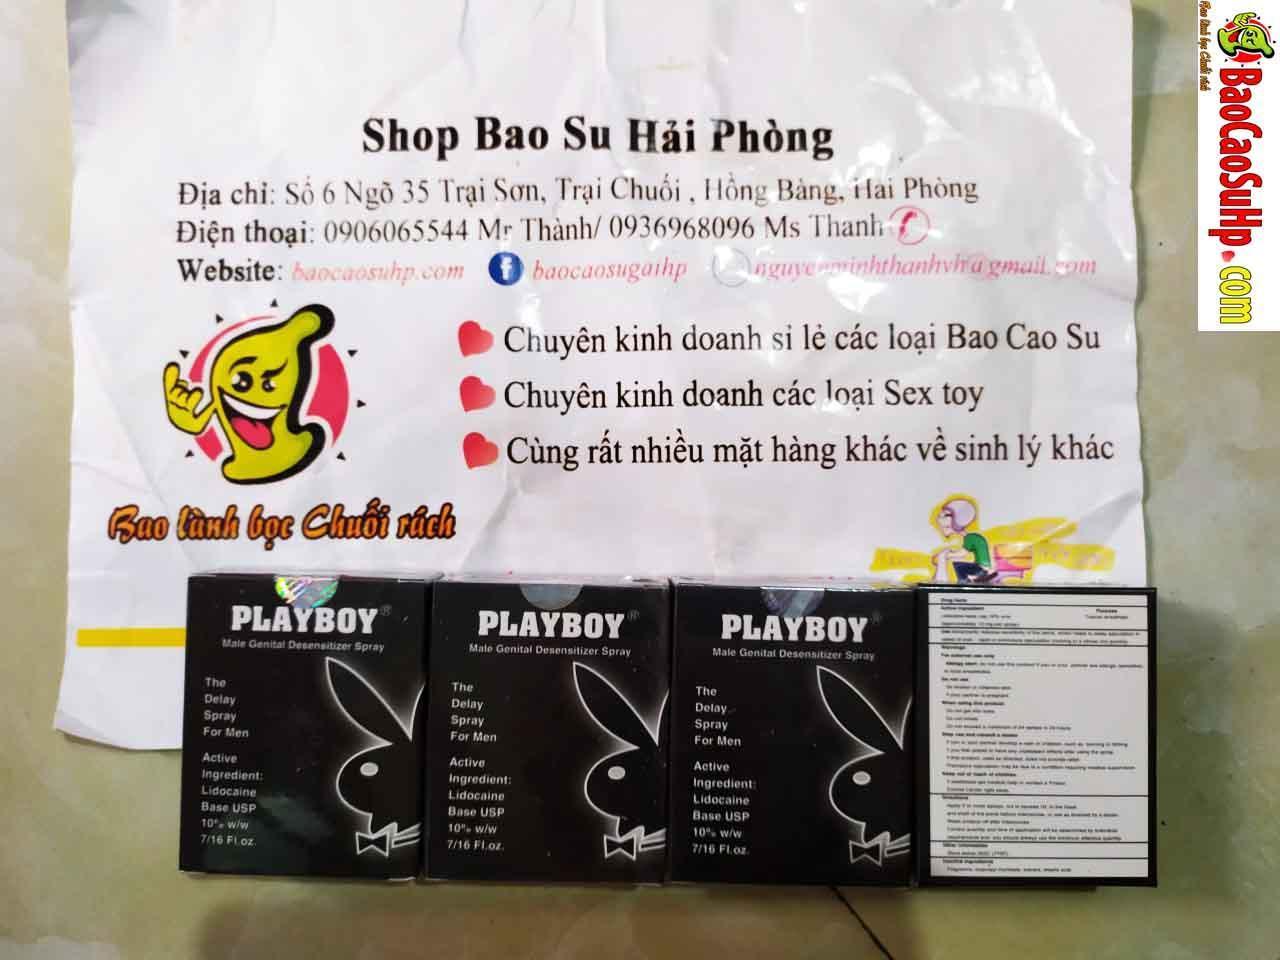 20190315230119 7126705 chai xit playboy den - Bao cao su, chai xịt kéo dài , gel bôi trơn hàng về ngày 15.03.2019